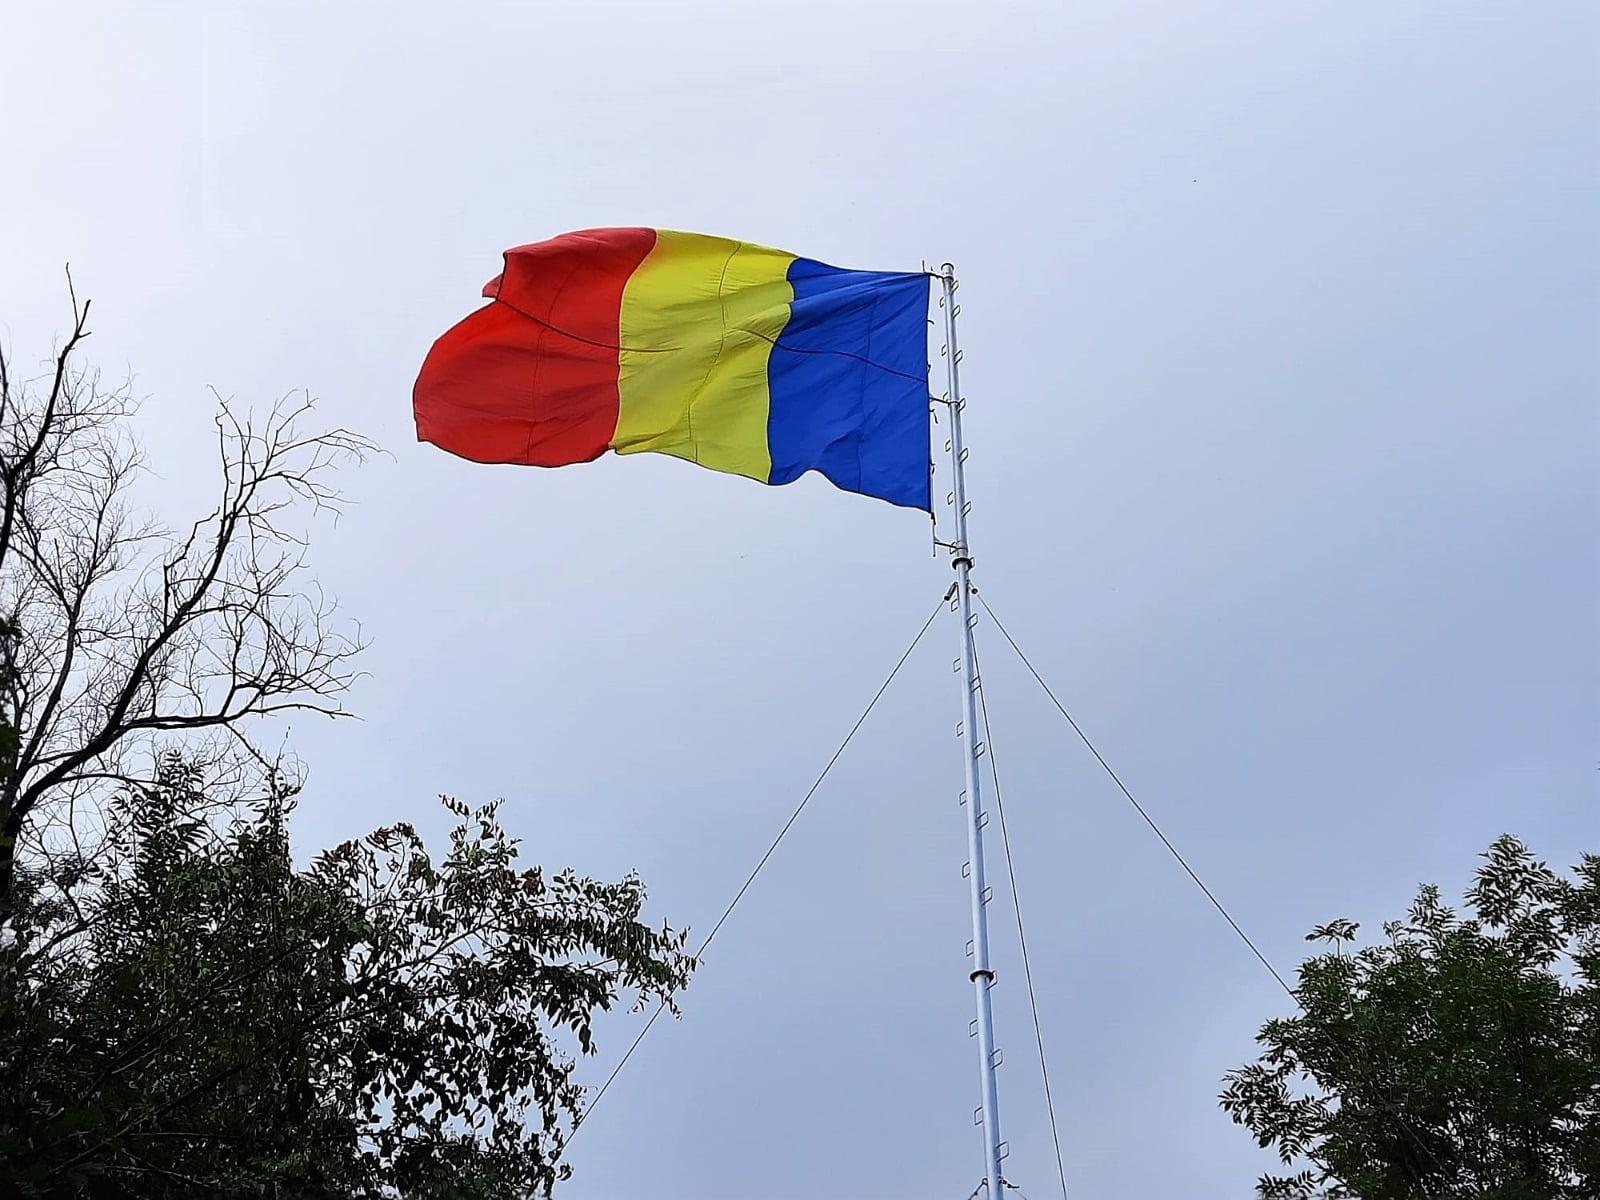 De Ziua Imnului Național, un nou drapel tricolor a fost arborat pe muntele Tâmpa din Brașov